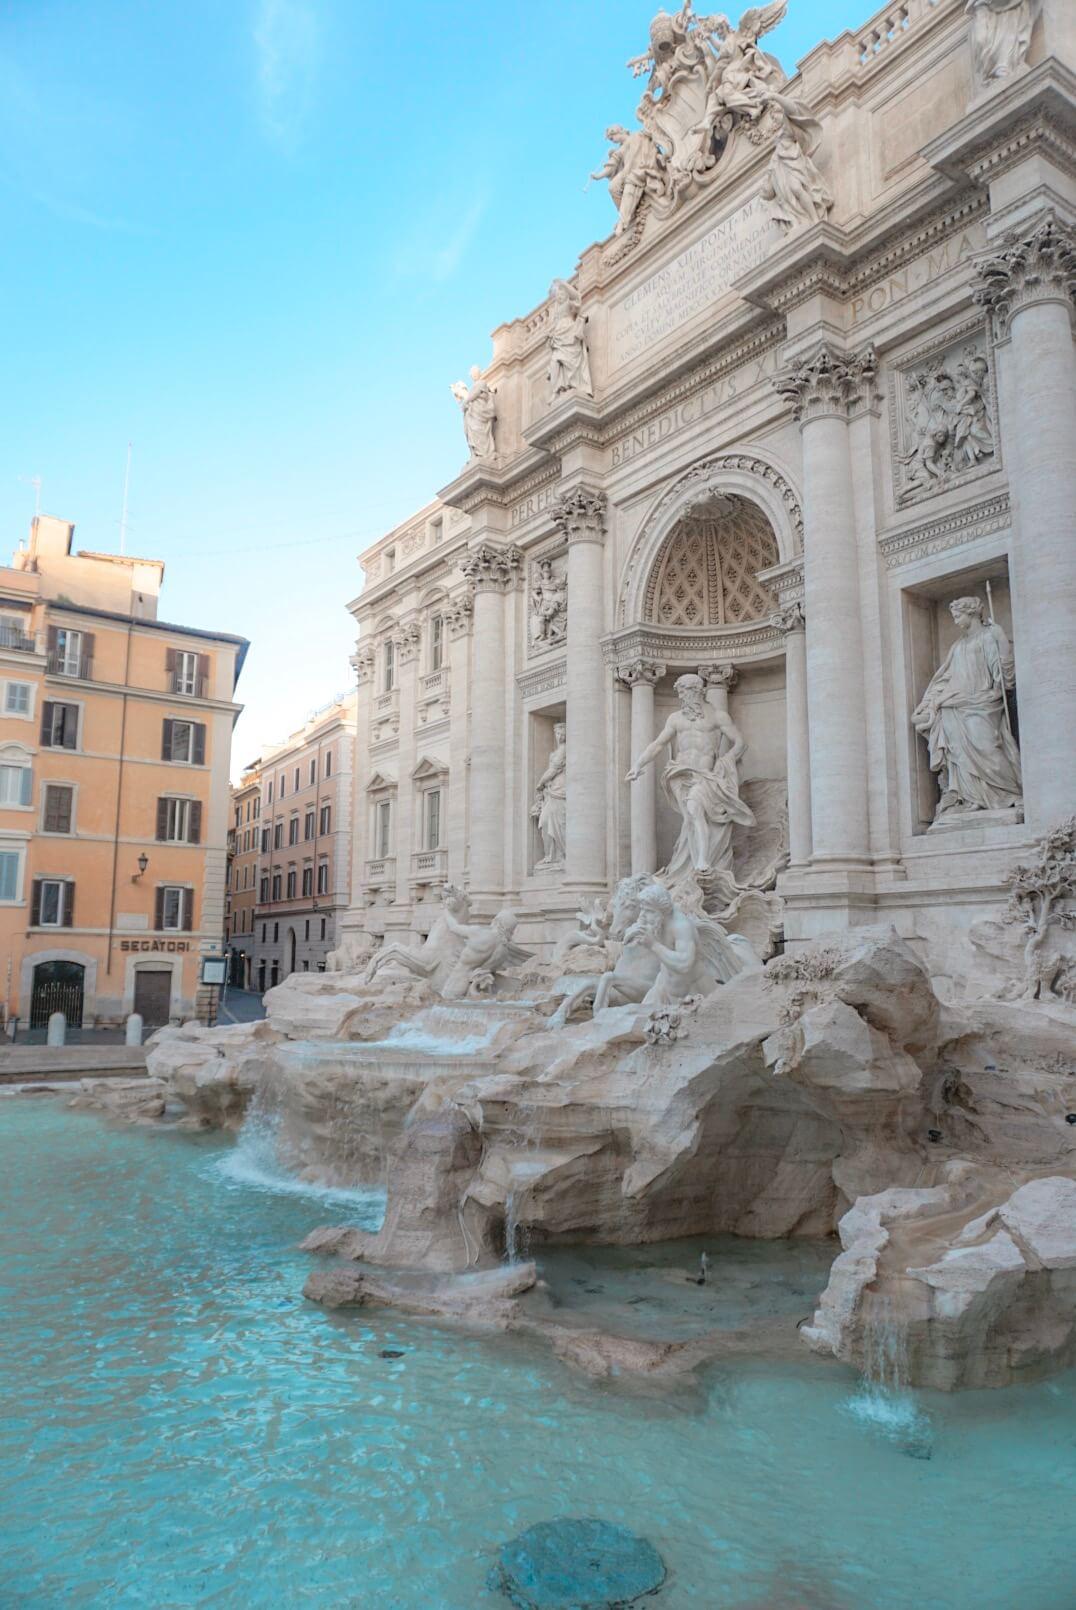 Fontaine de trevi blog voyage rome